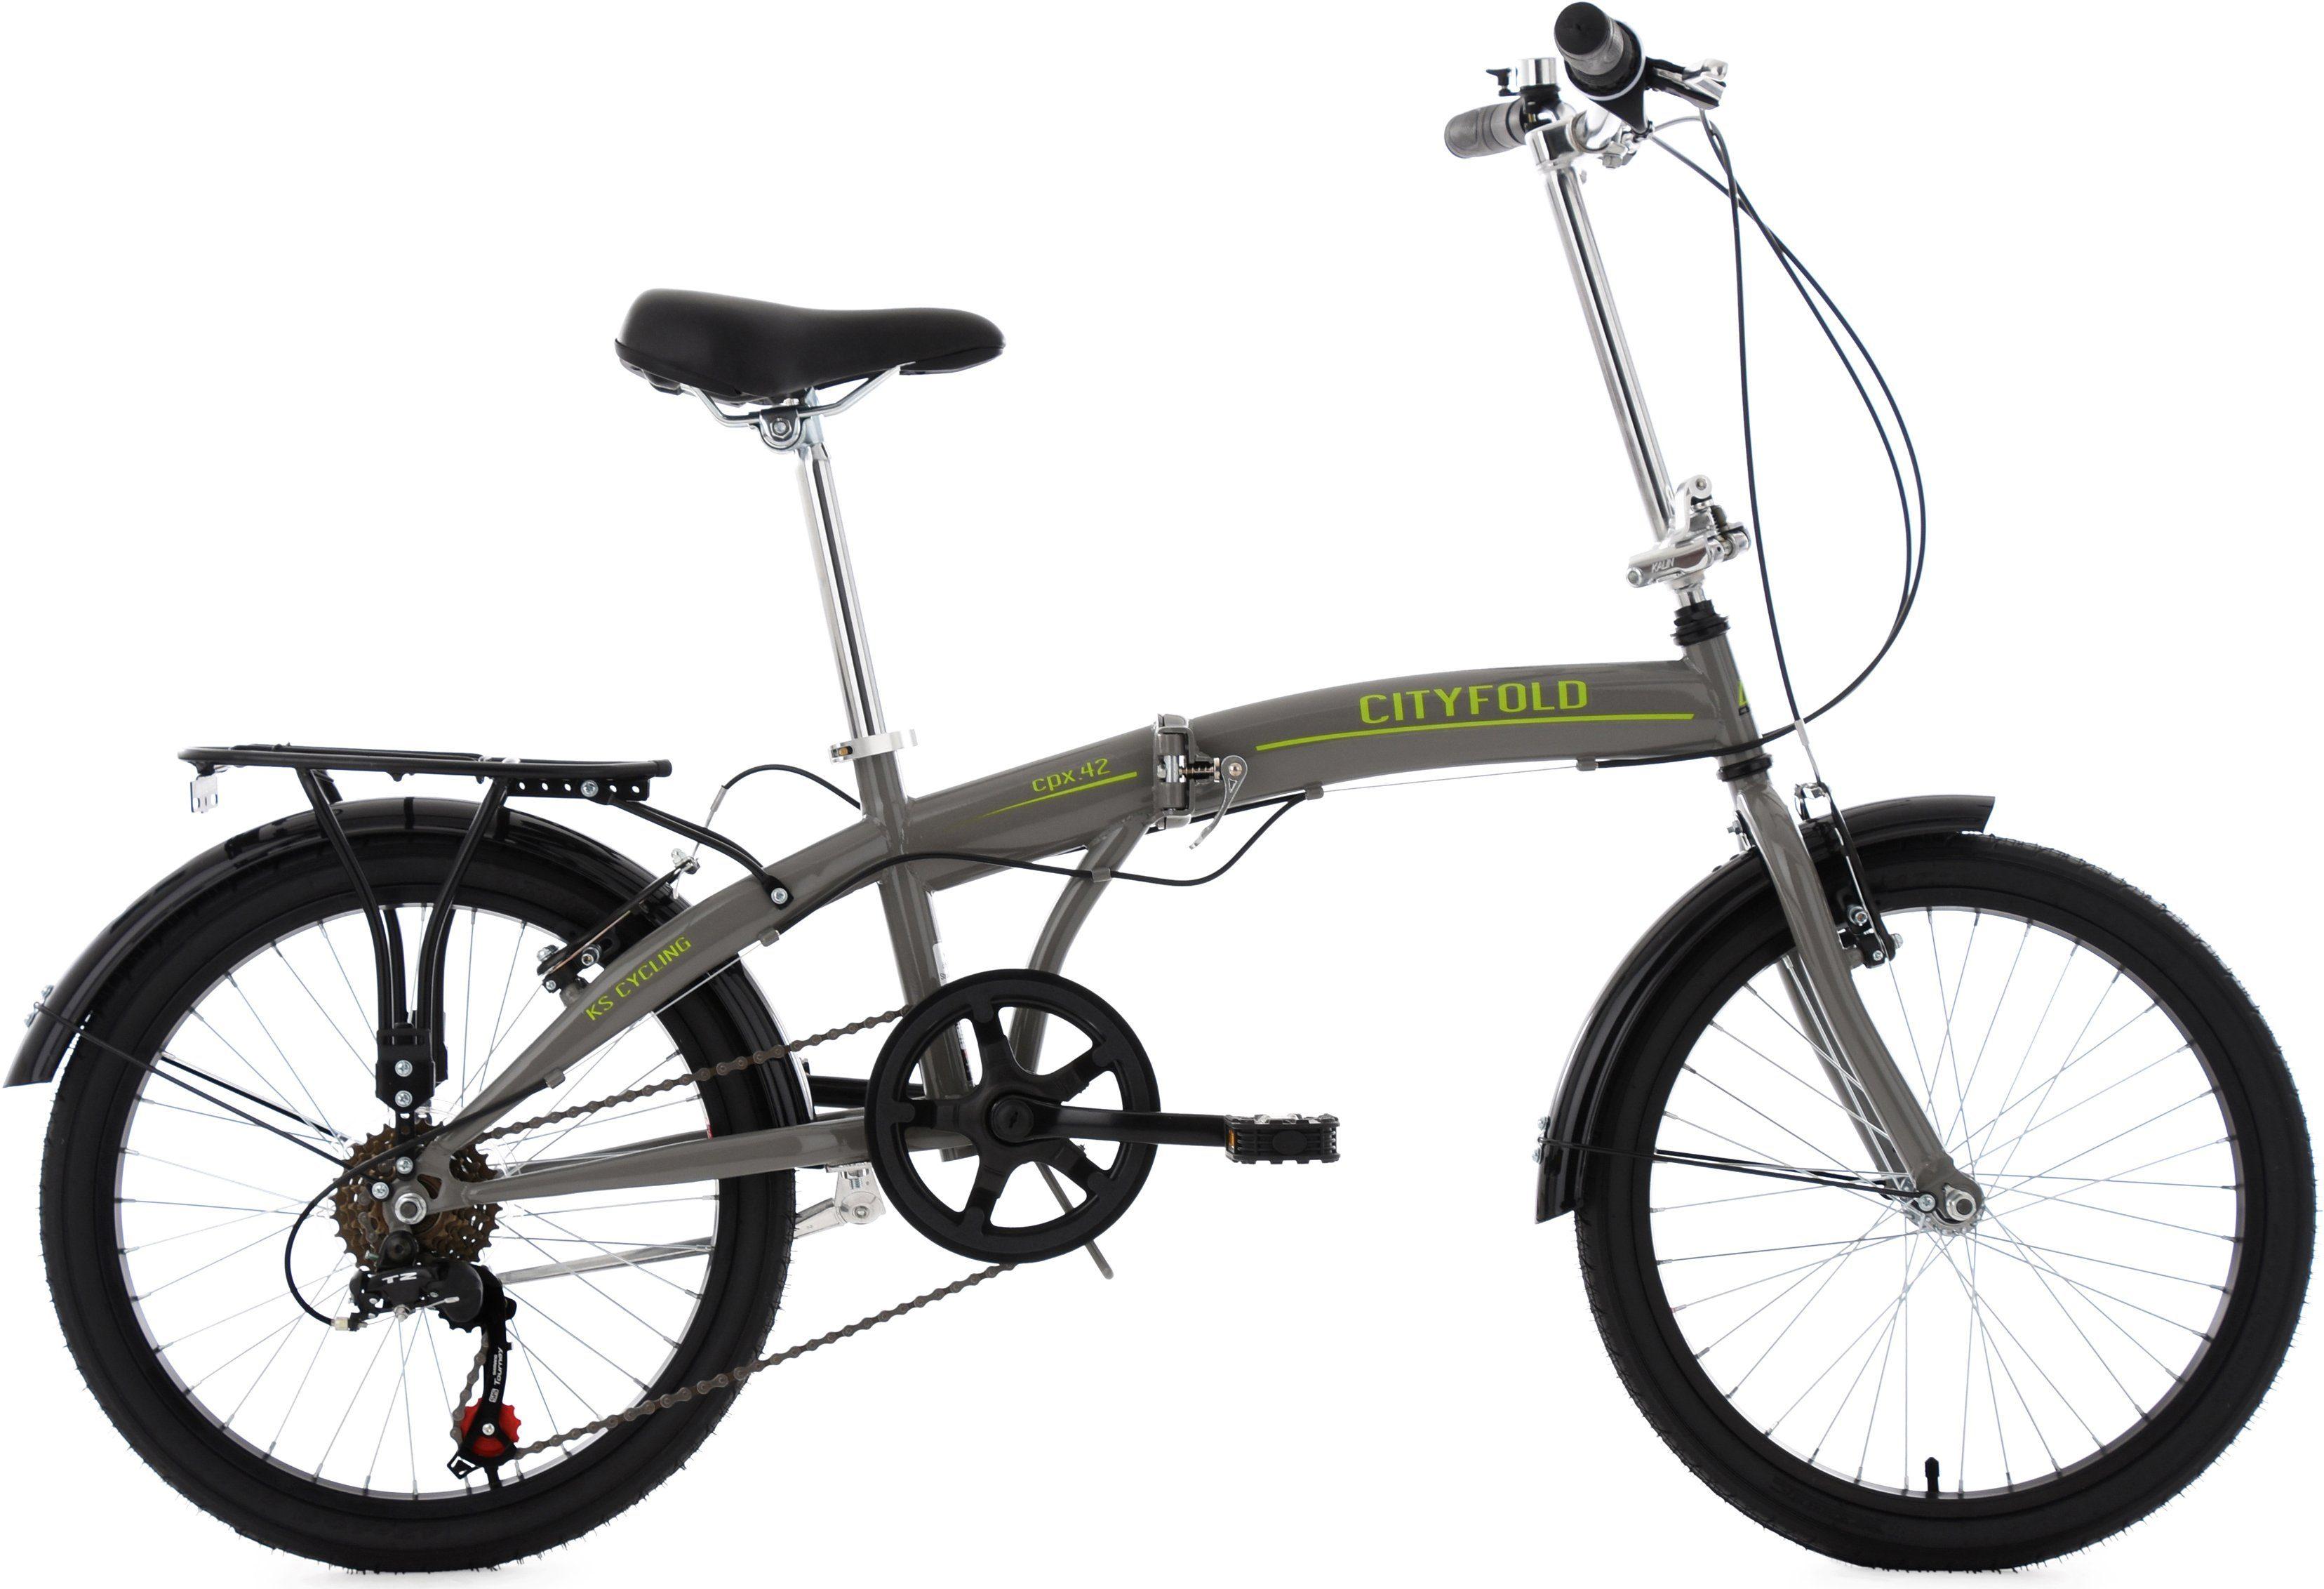 KS Cycling Faltrad »Cityfold«, 6 Gang Shimano Tourney Schaltwerk, Kettenschaltung